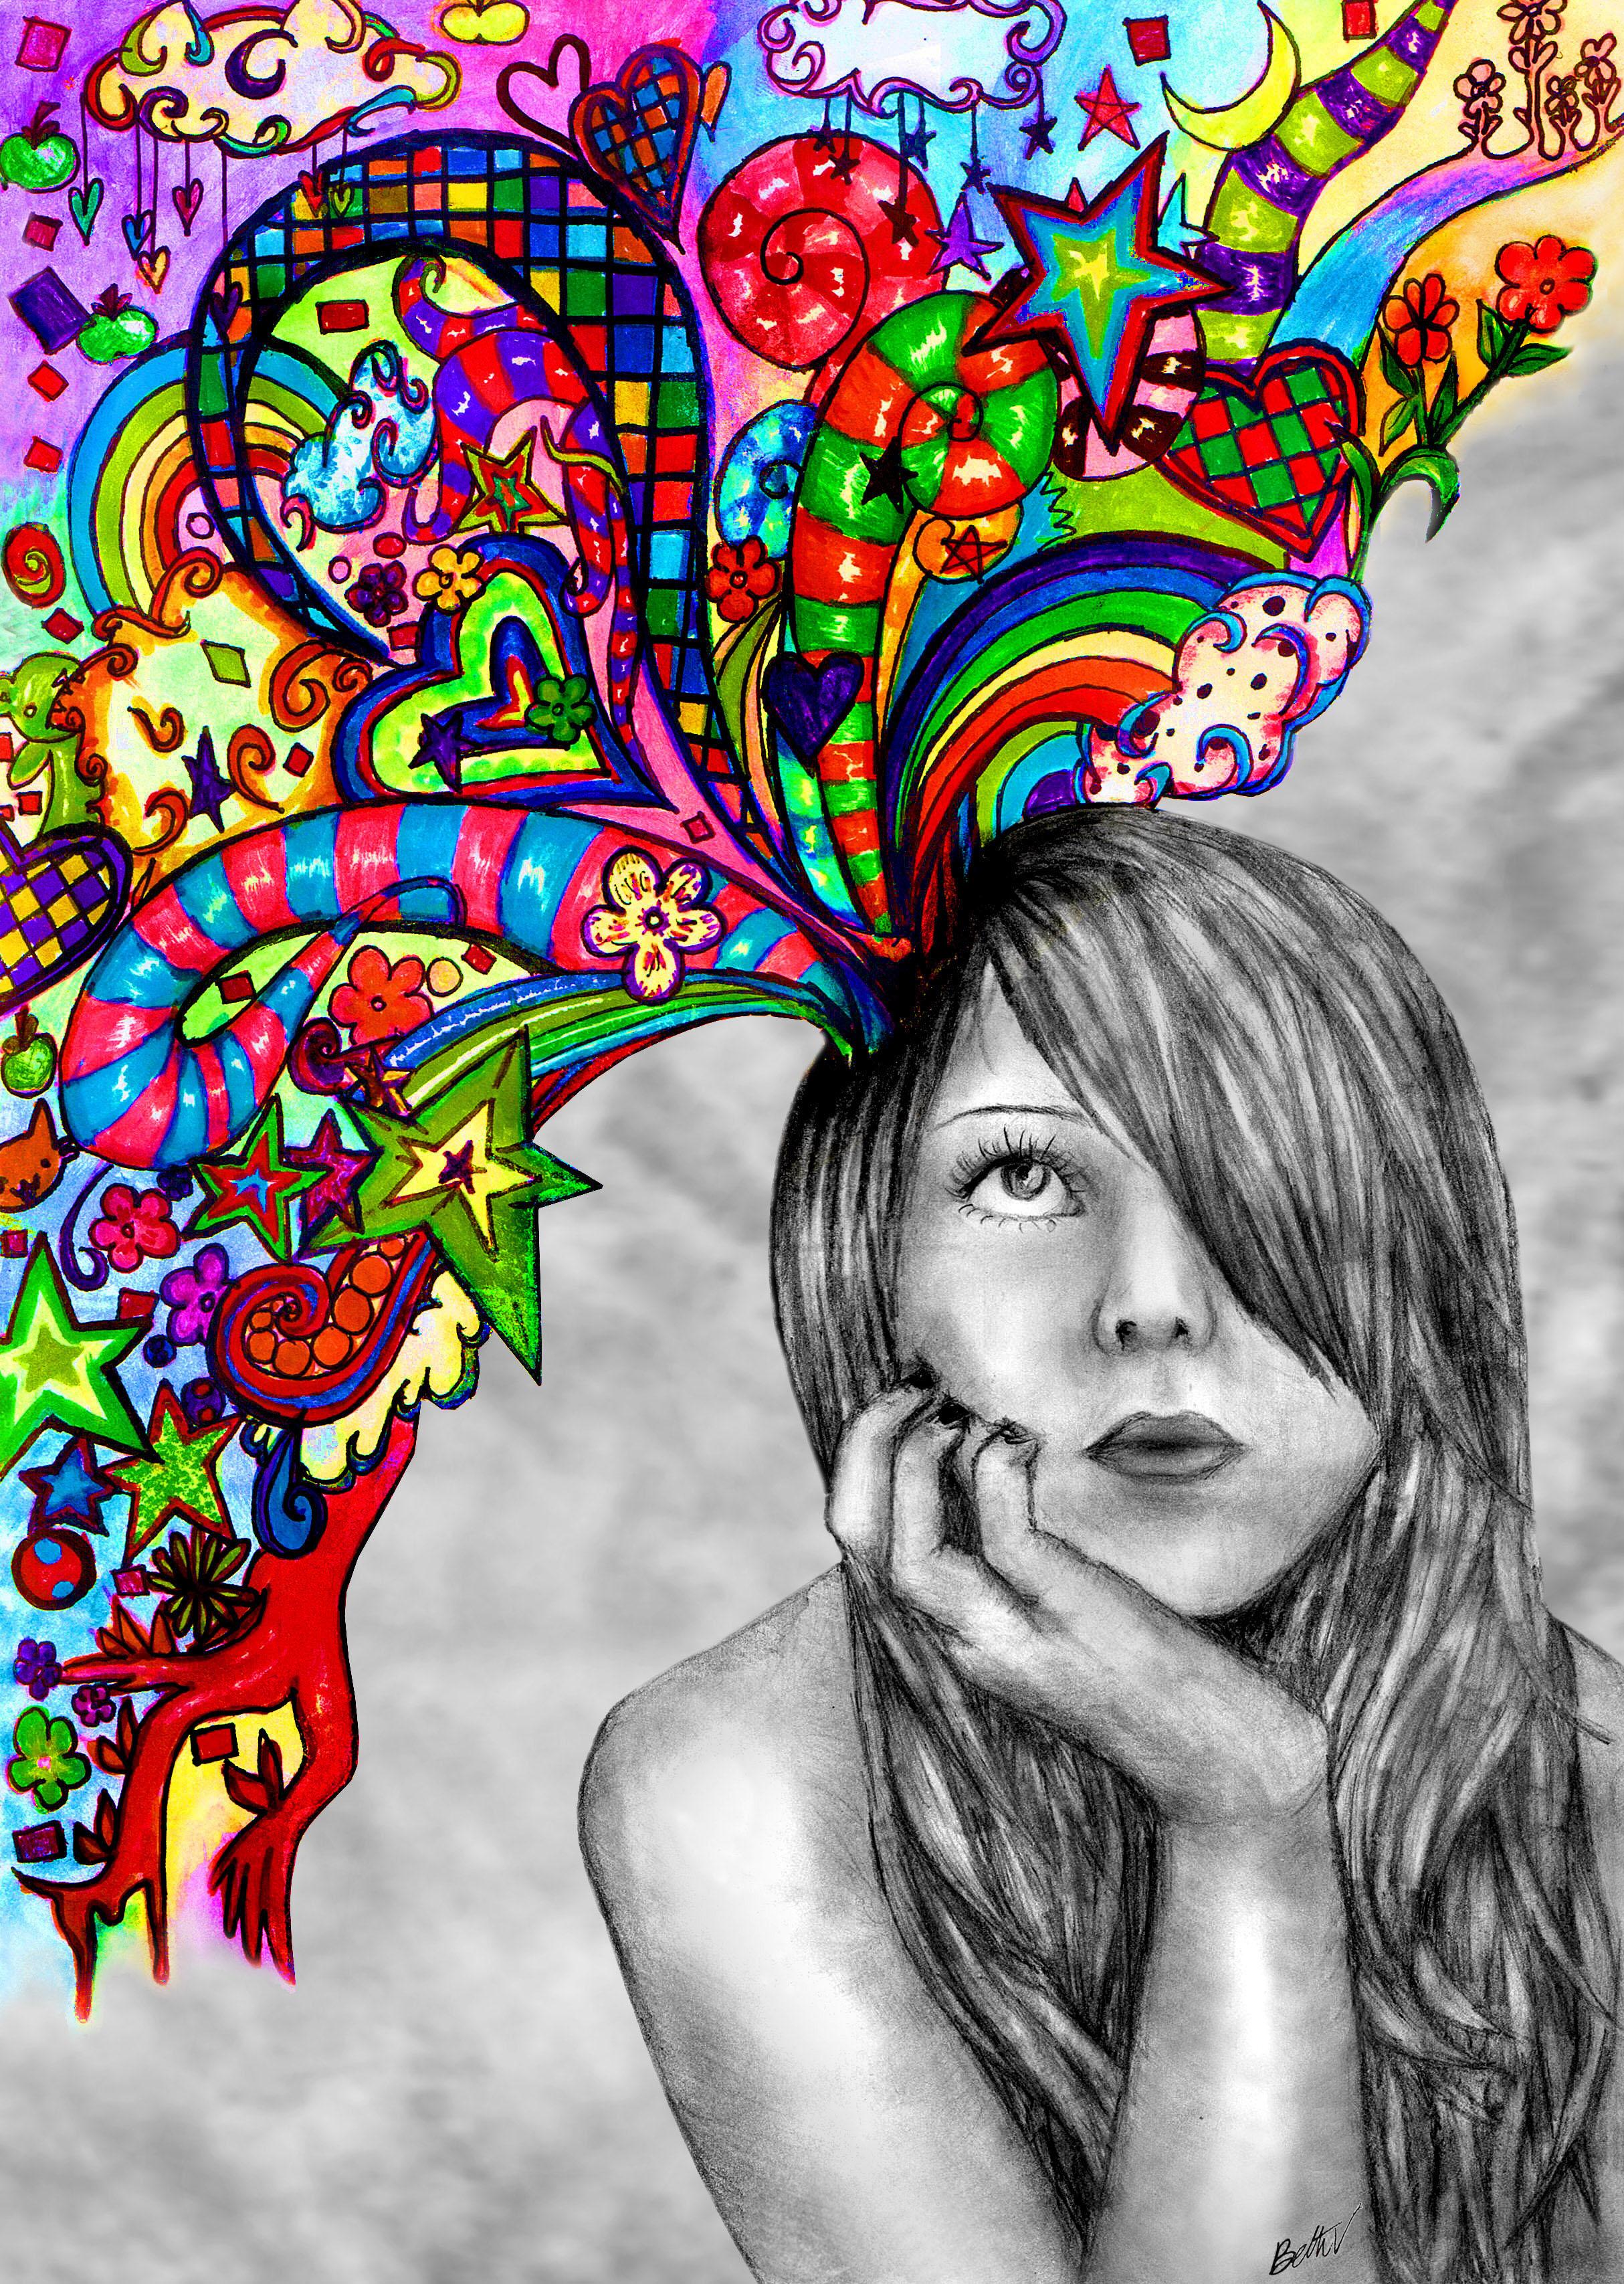 Una historia provoca nuestra imaginación